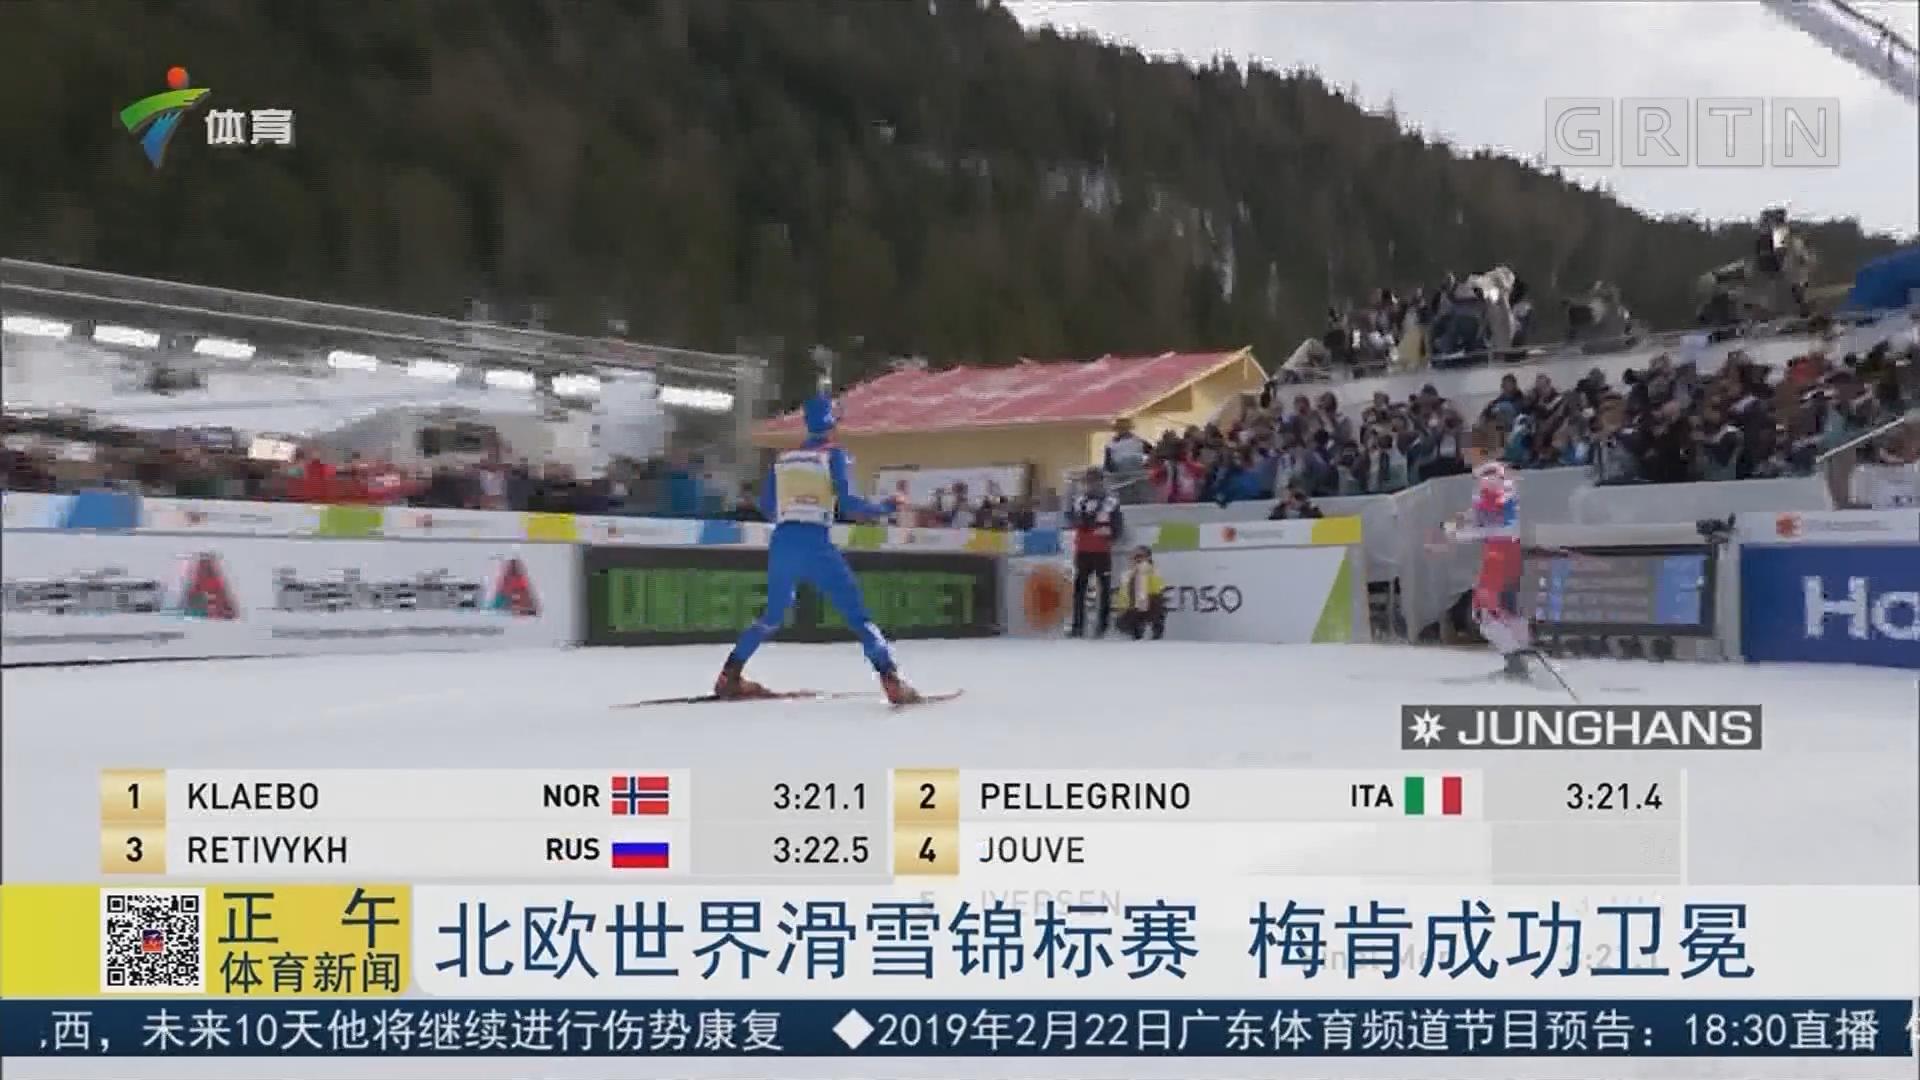 北欧世界滑雪锦标赛 梅肯成功卫冕